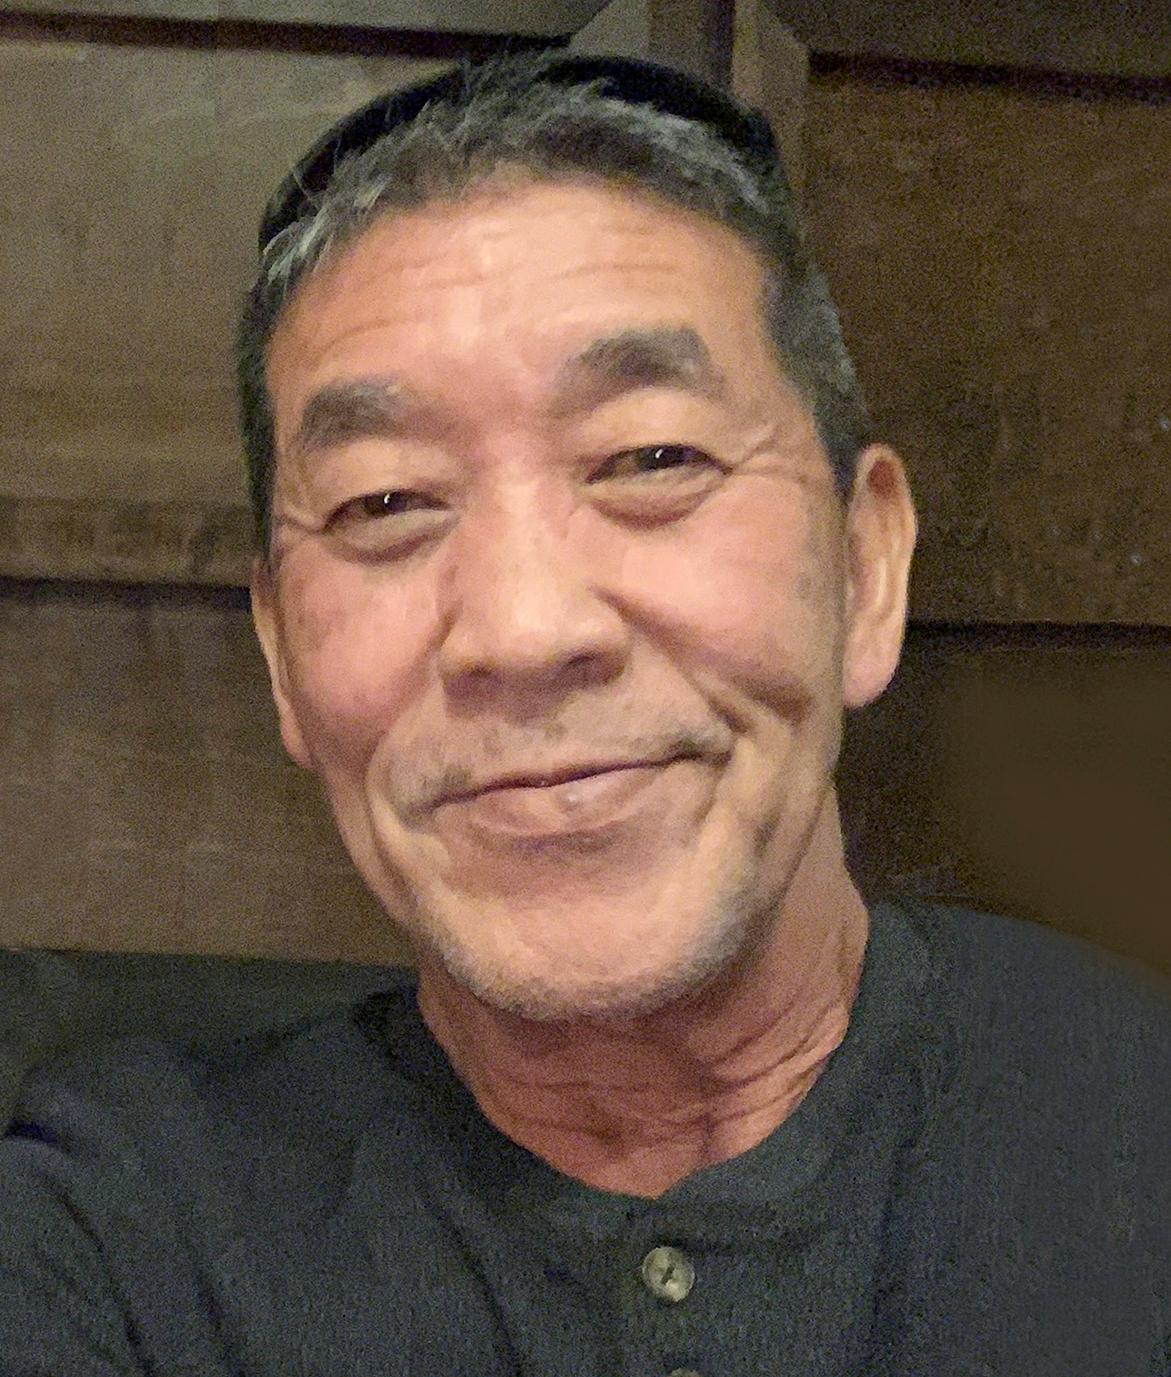 Brian Takao Takishima